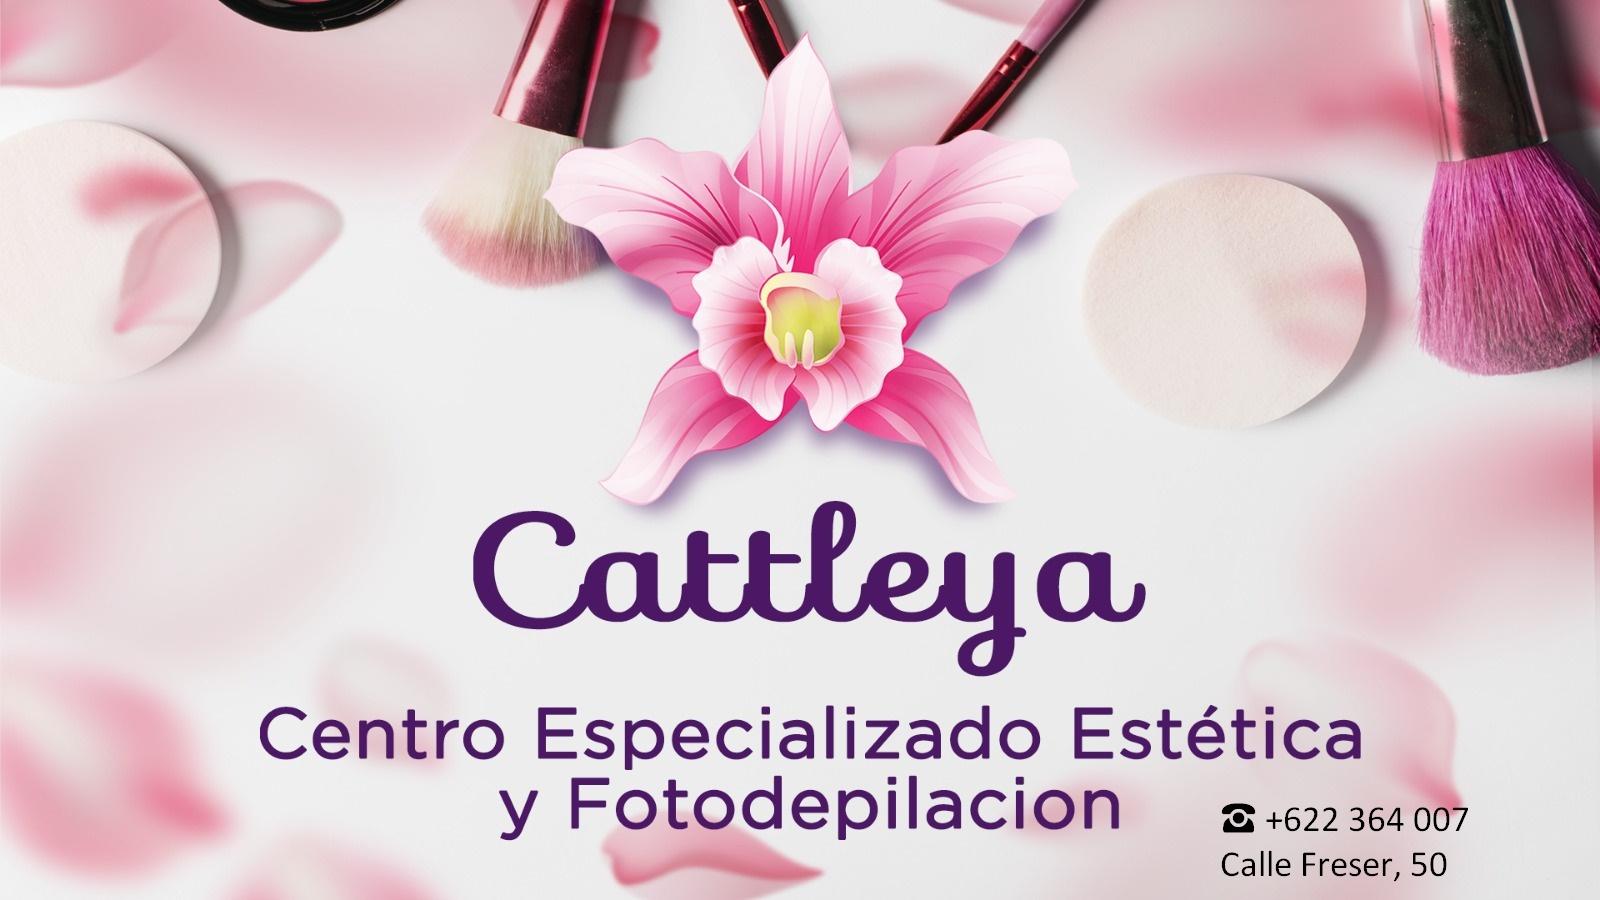 CATTLEYABCN